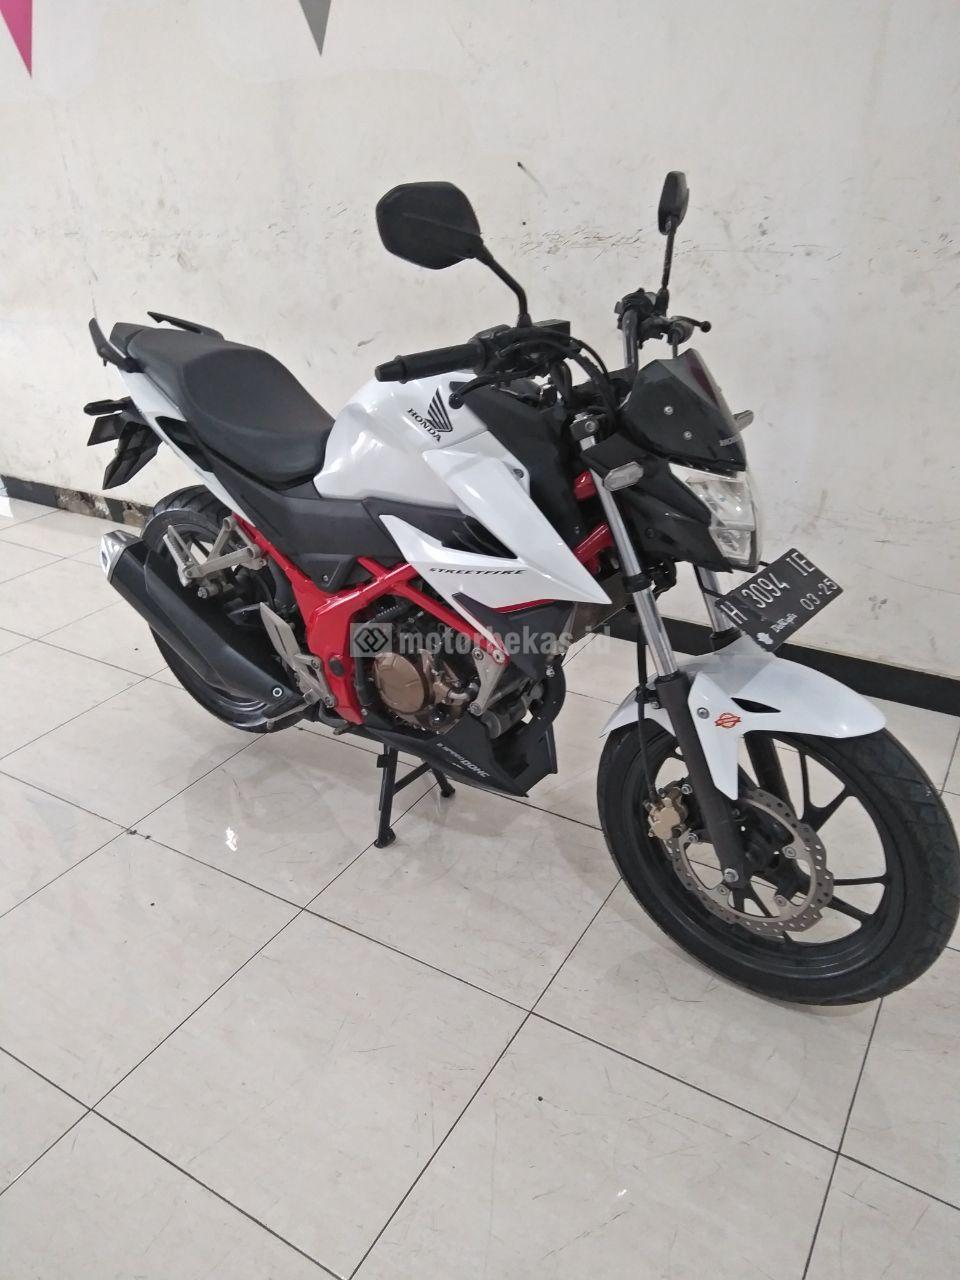 HONDA CB 150 R  3391 motorbekas.id